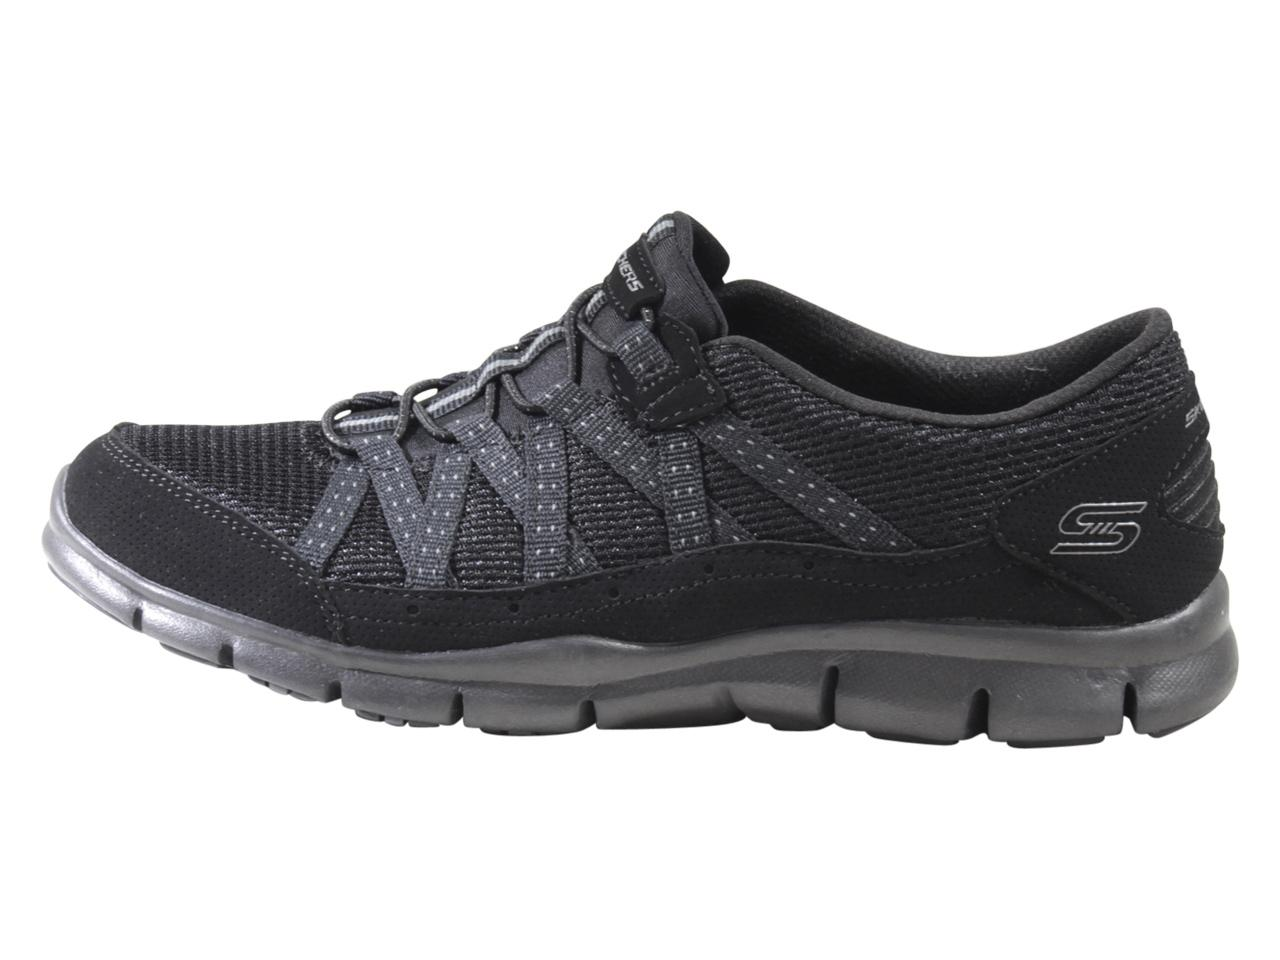 Skechers Flex Women's Gratis Strolling Memory Foam Sneakers Shoes